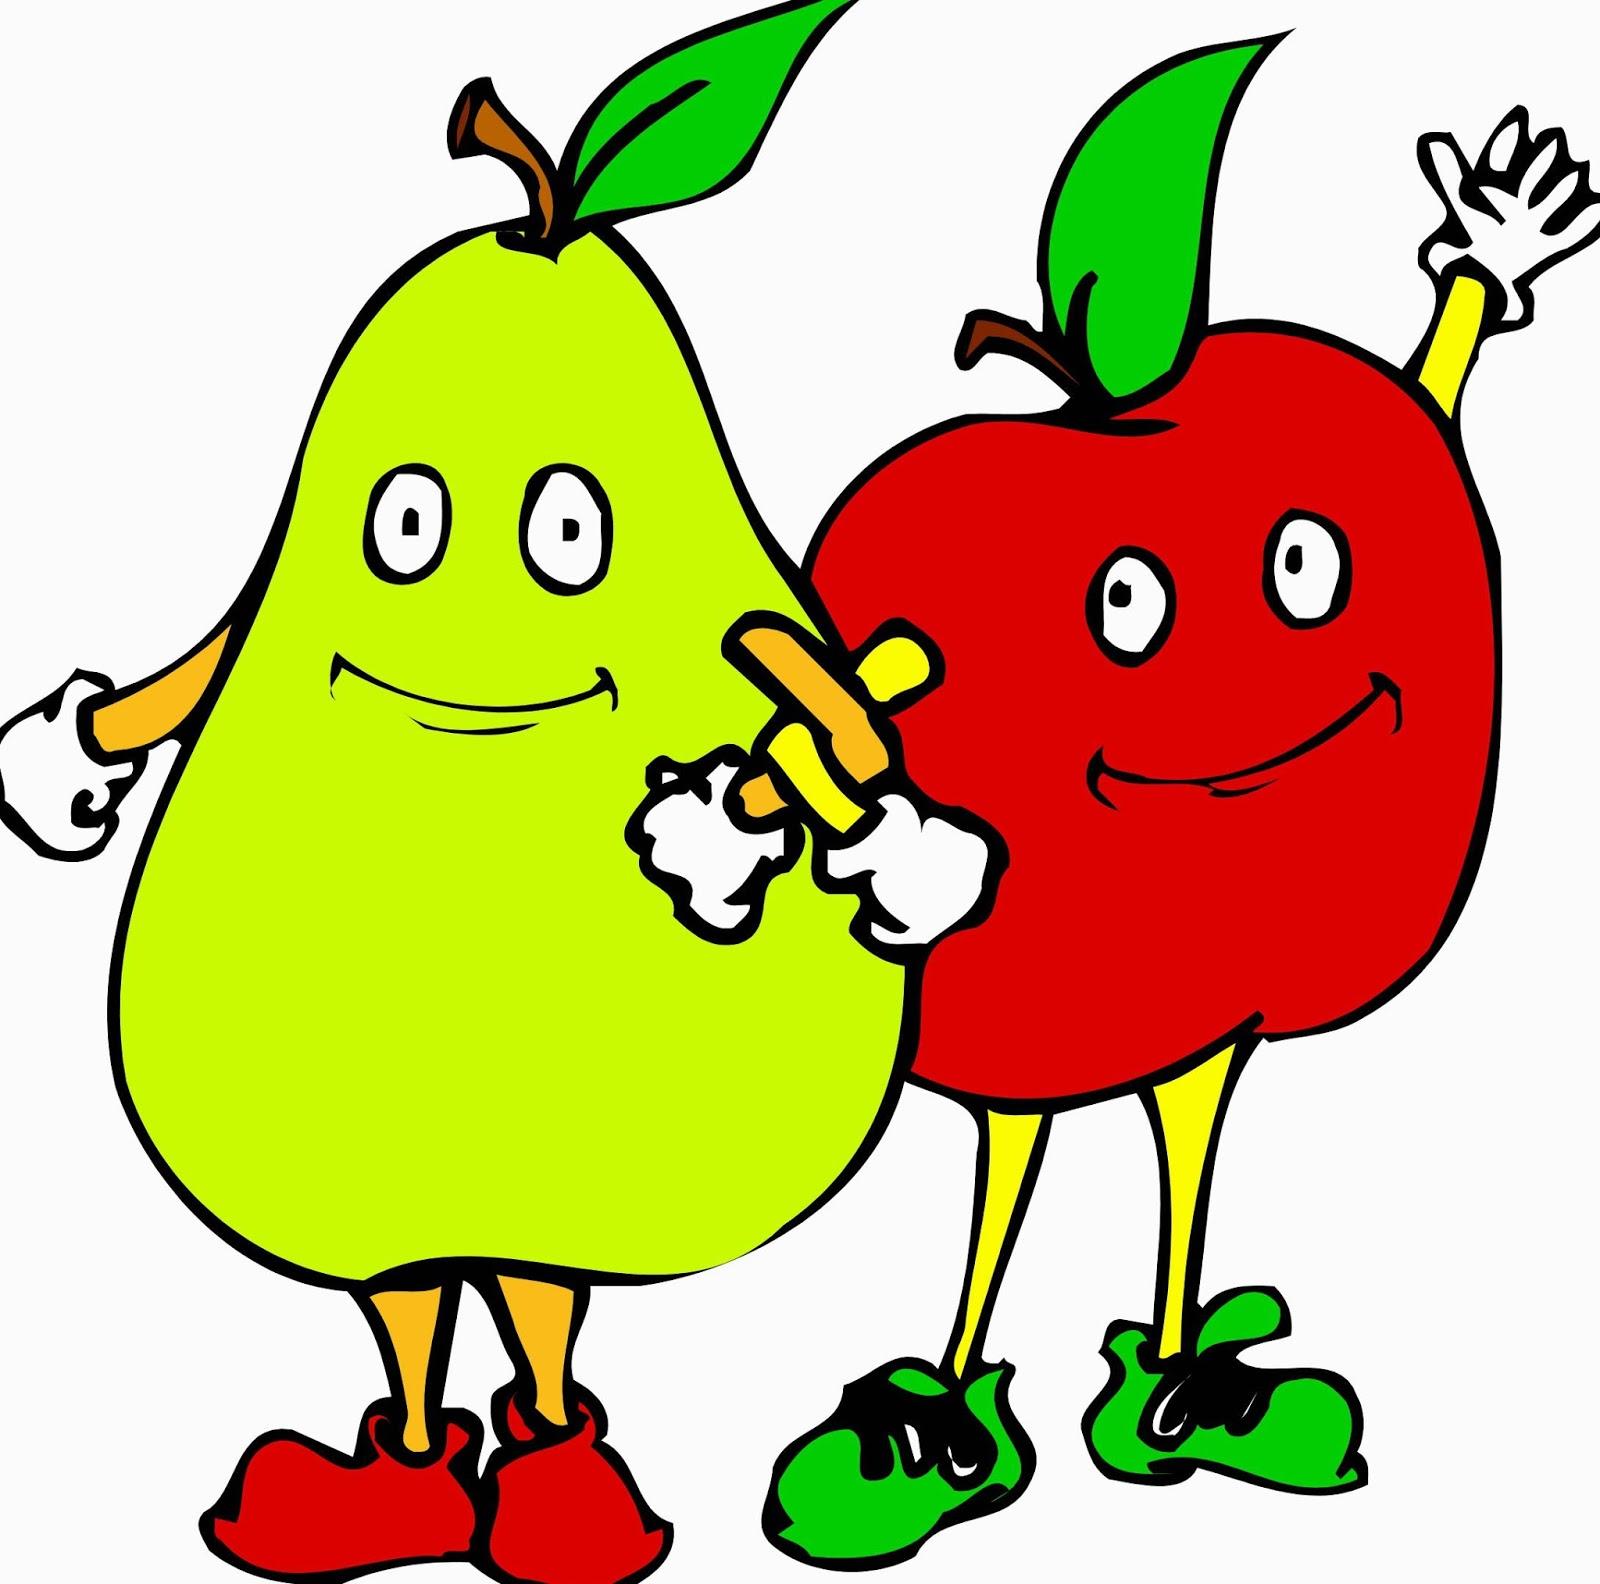 Image Result For Gambar Mewarnai Buah Dan Sayur